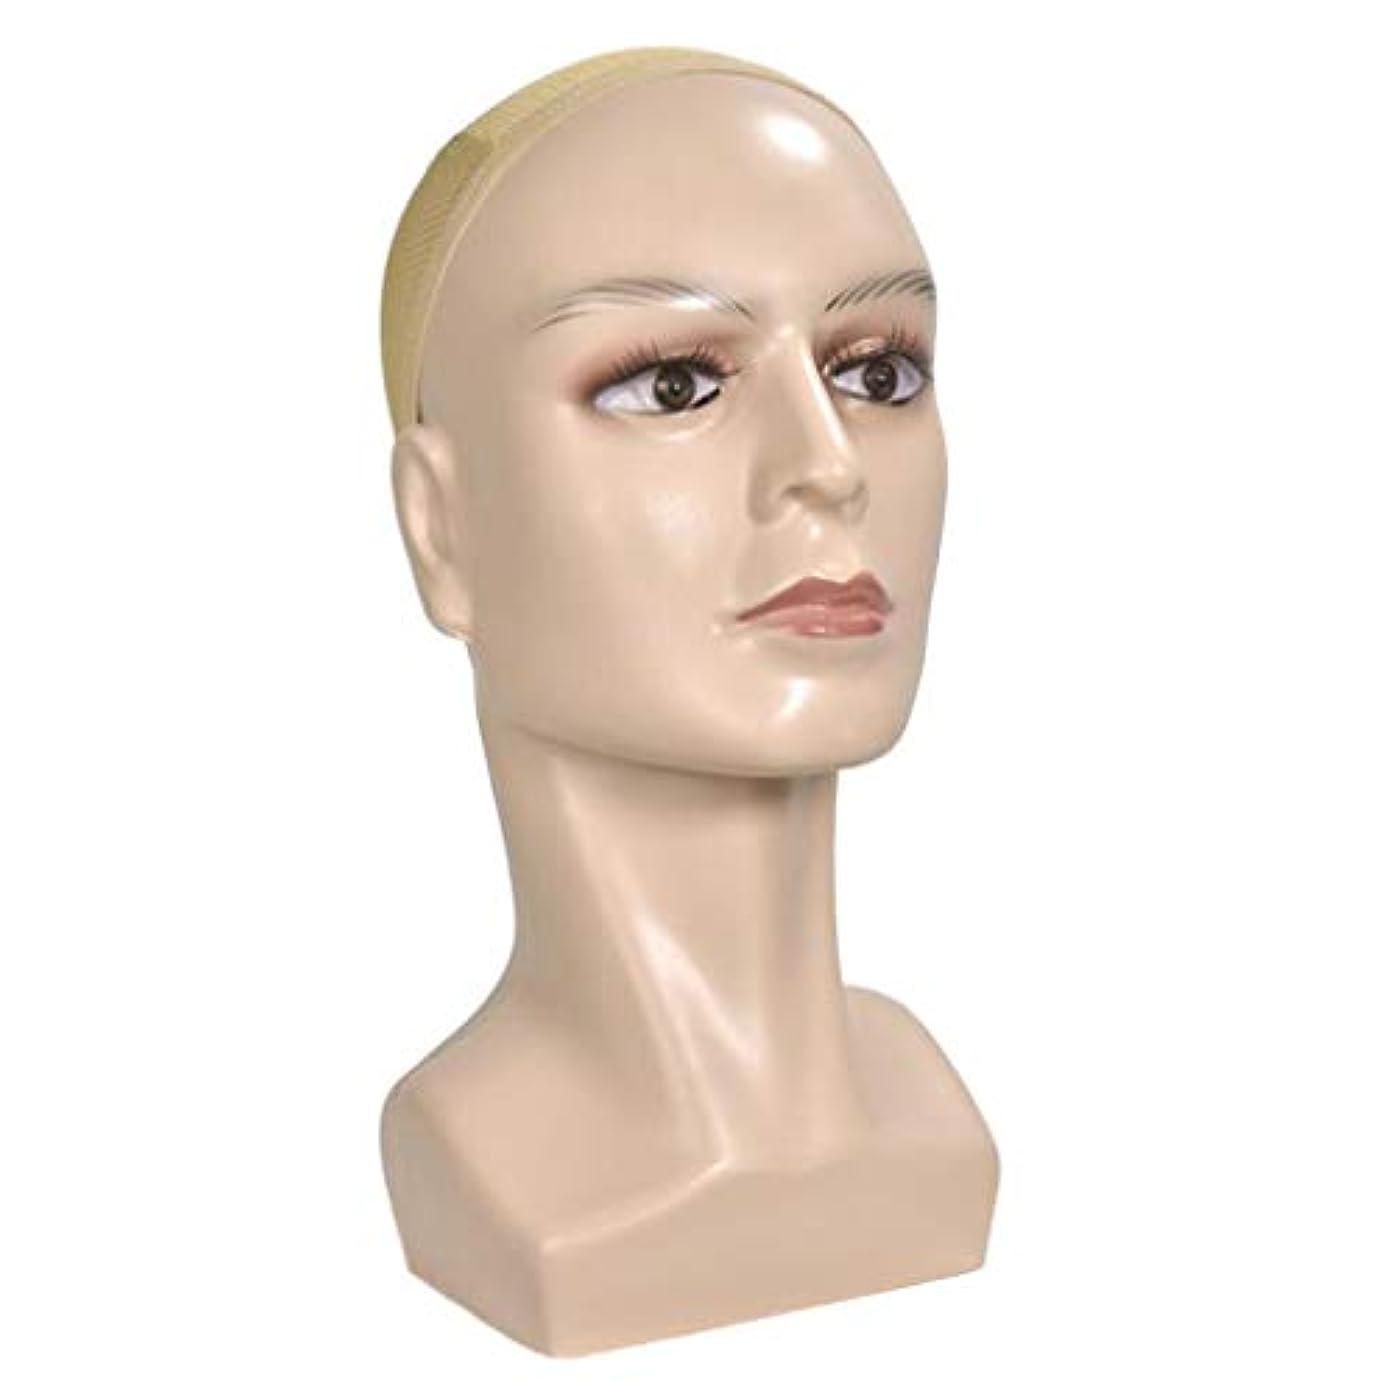 不安コンパクト日食CUTICATE マネキンヘッド ディスプレイ メイクトレーニング 化粧 美容 店舗 自宅 サロン 全2色 - 肌の色